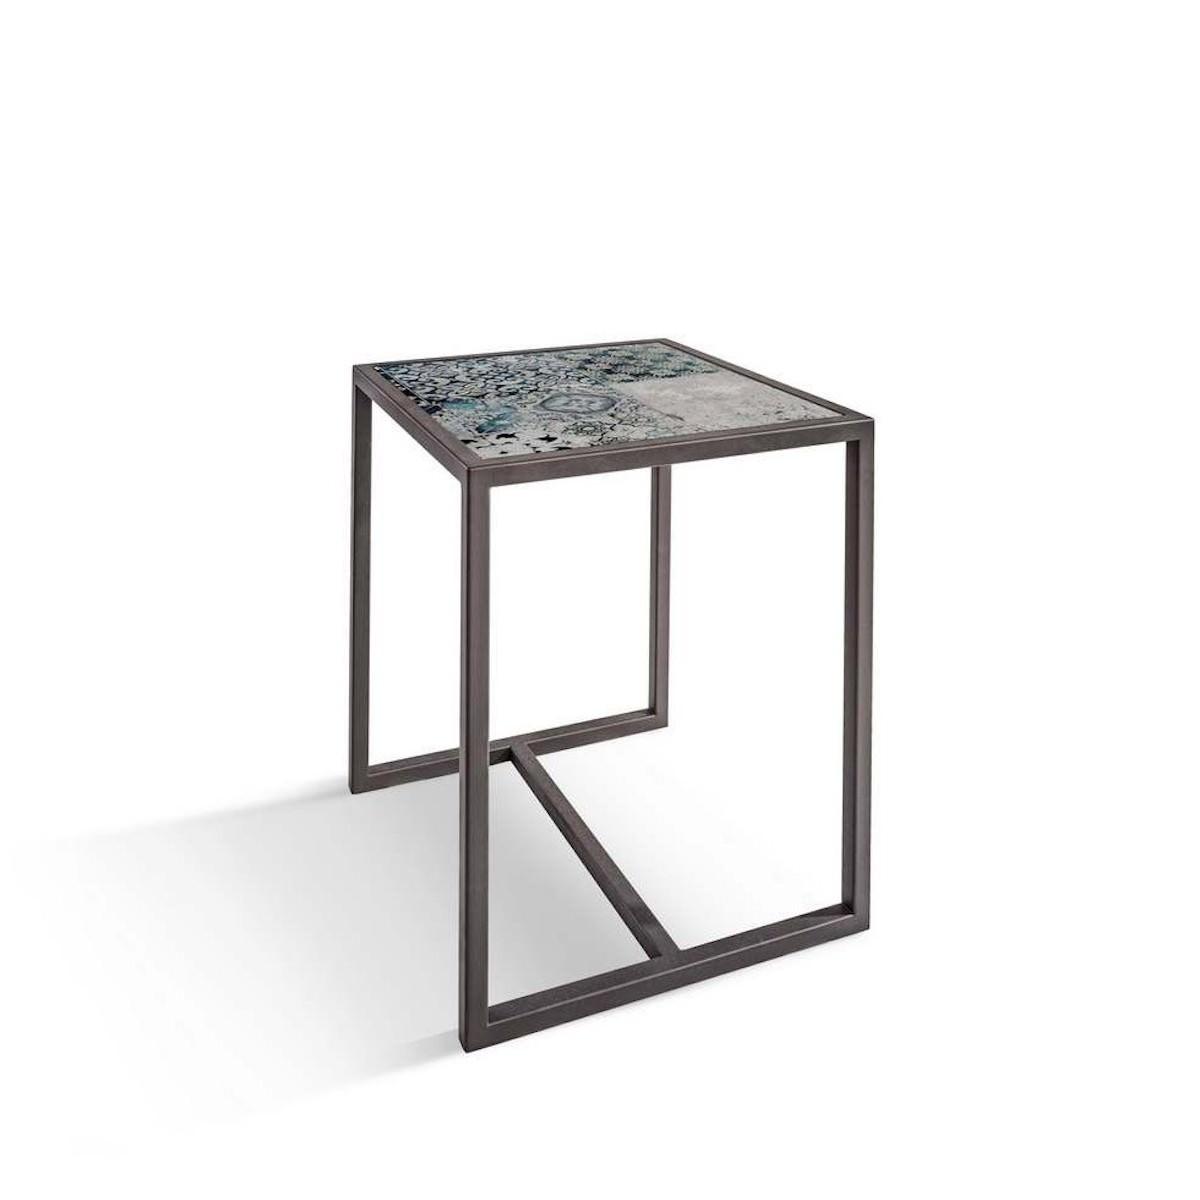 Crazy home furniture di momenti casa collezione unica e for Piani di casa di 3600 piedi quadrati